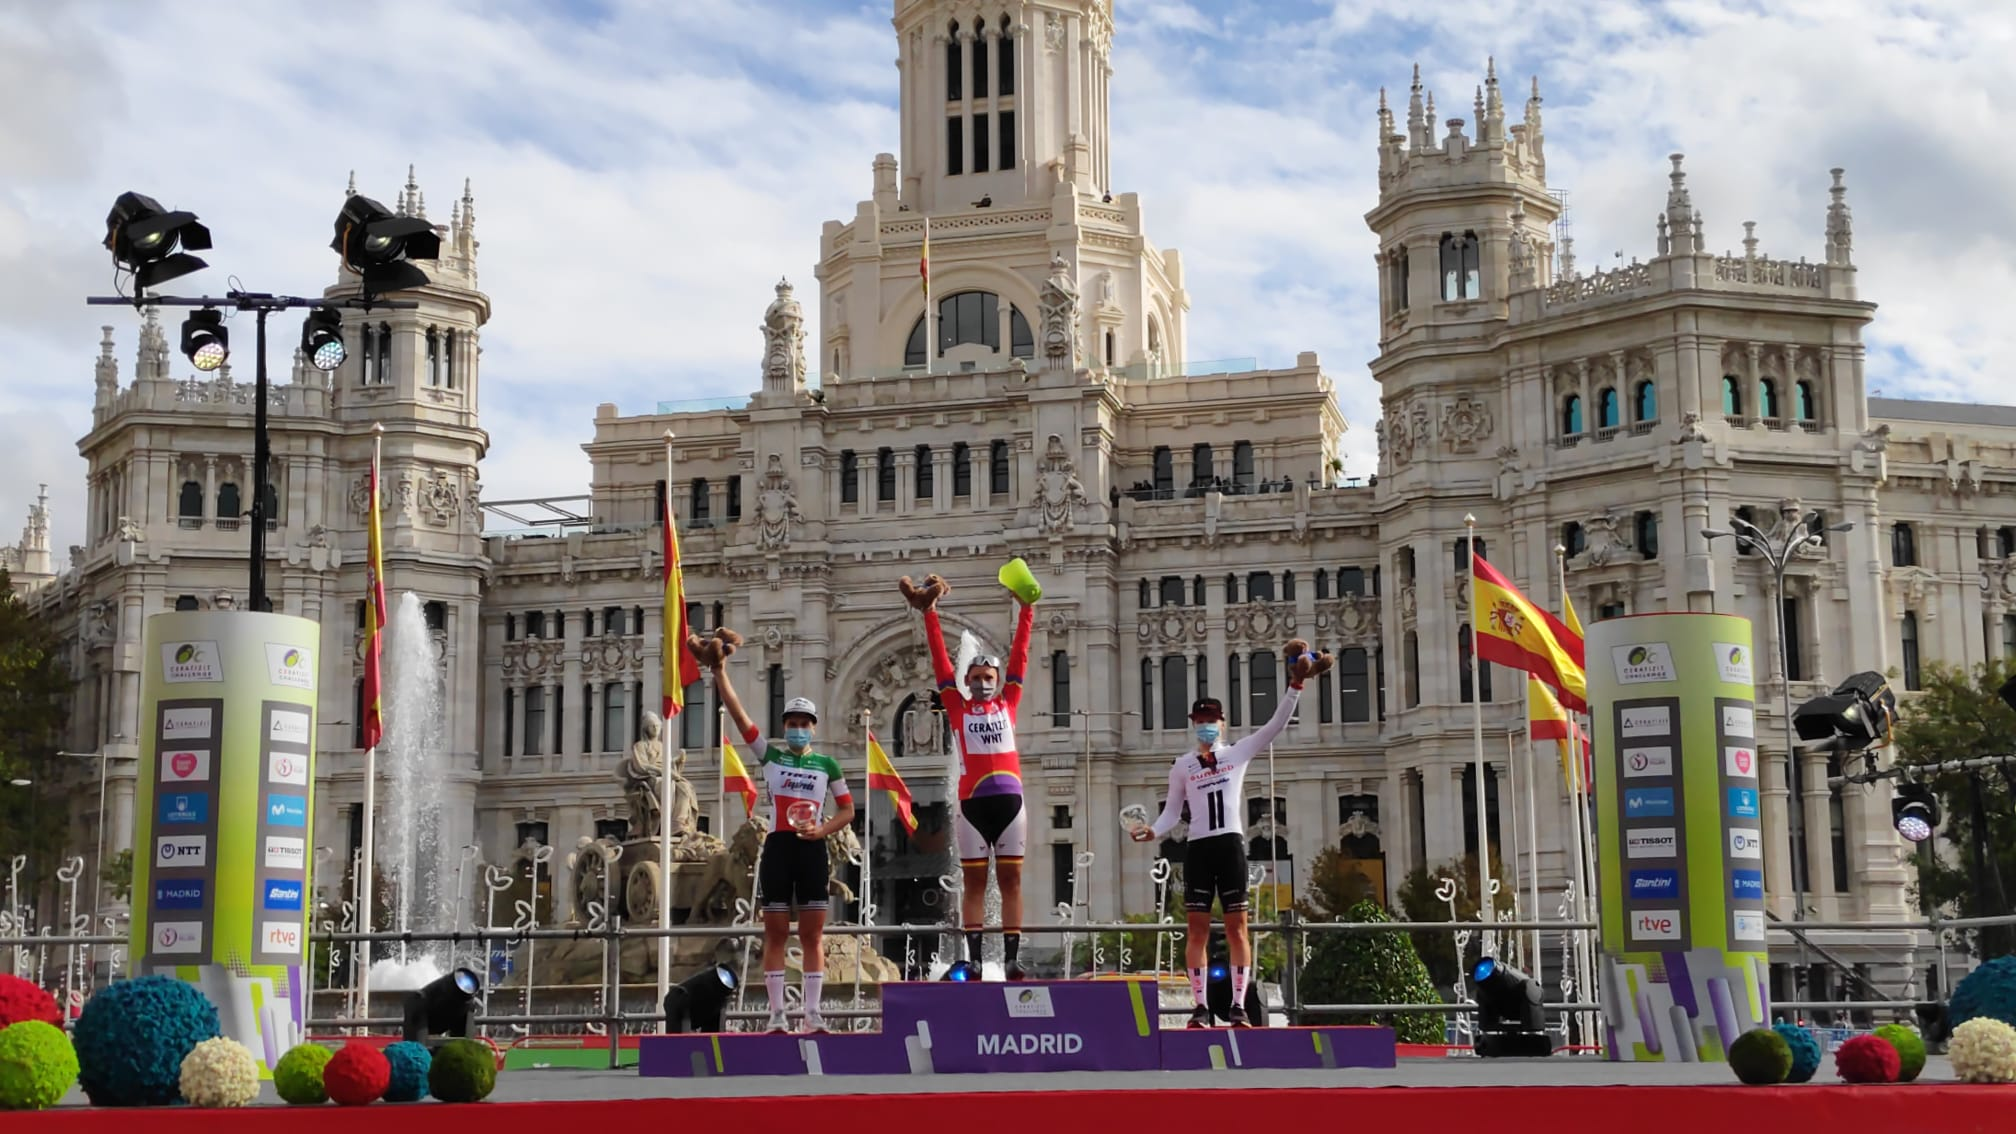 Il podio finale della Madrid Challenge by La Vuelta vinta ancora da Lisa Brennauer (foto Baixauli Studio)